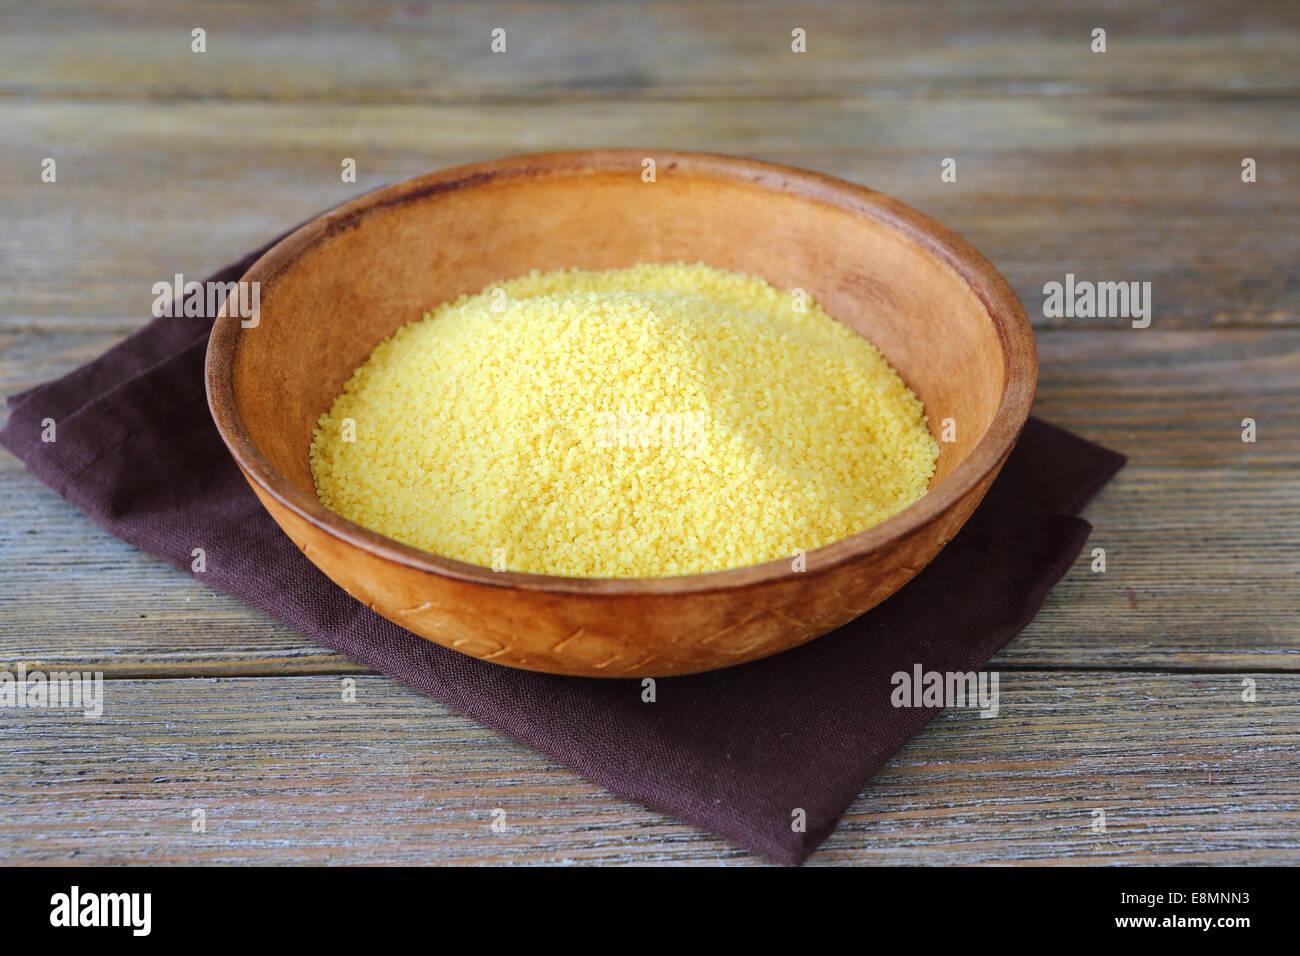 Raw cuscús árabe en un recipiente de barro, comida árabe Imagen De Stock